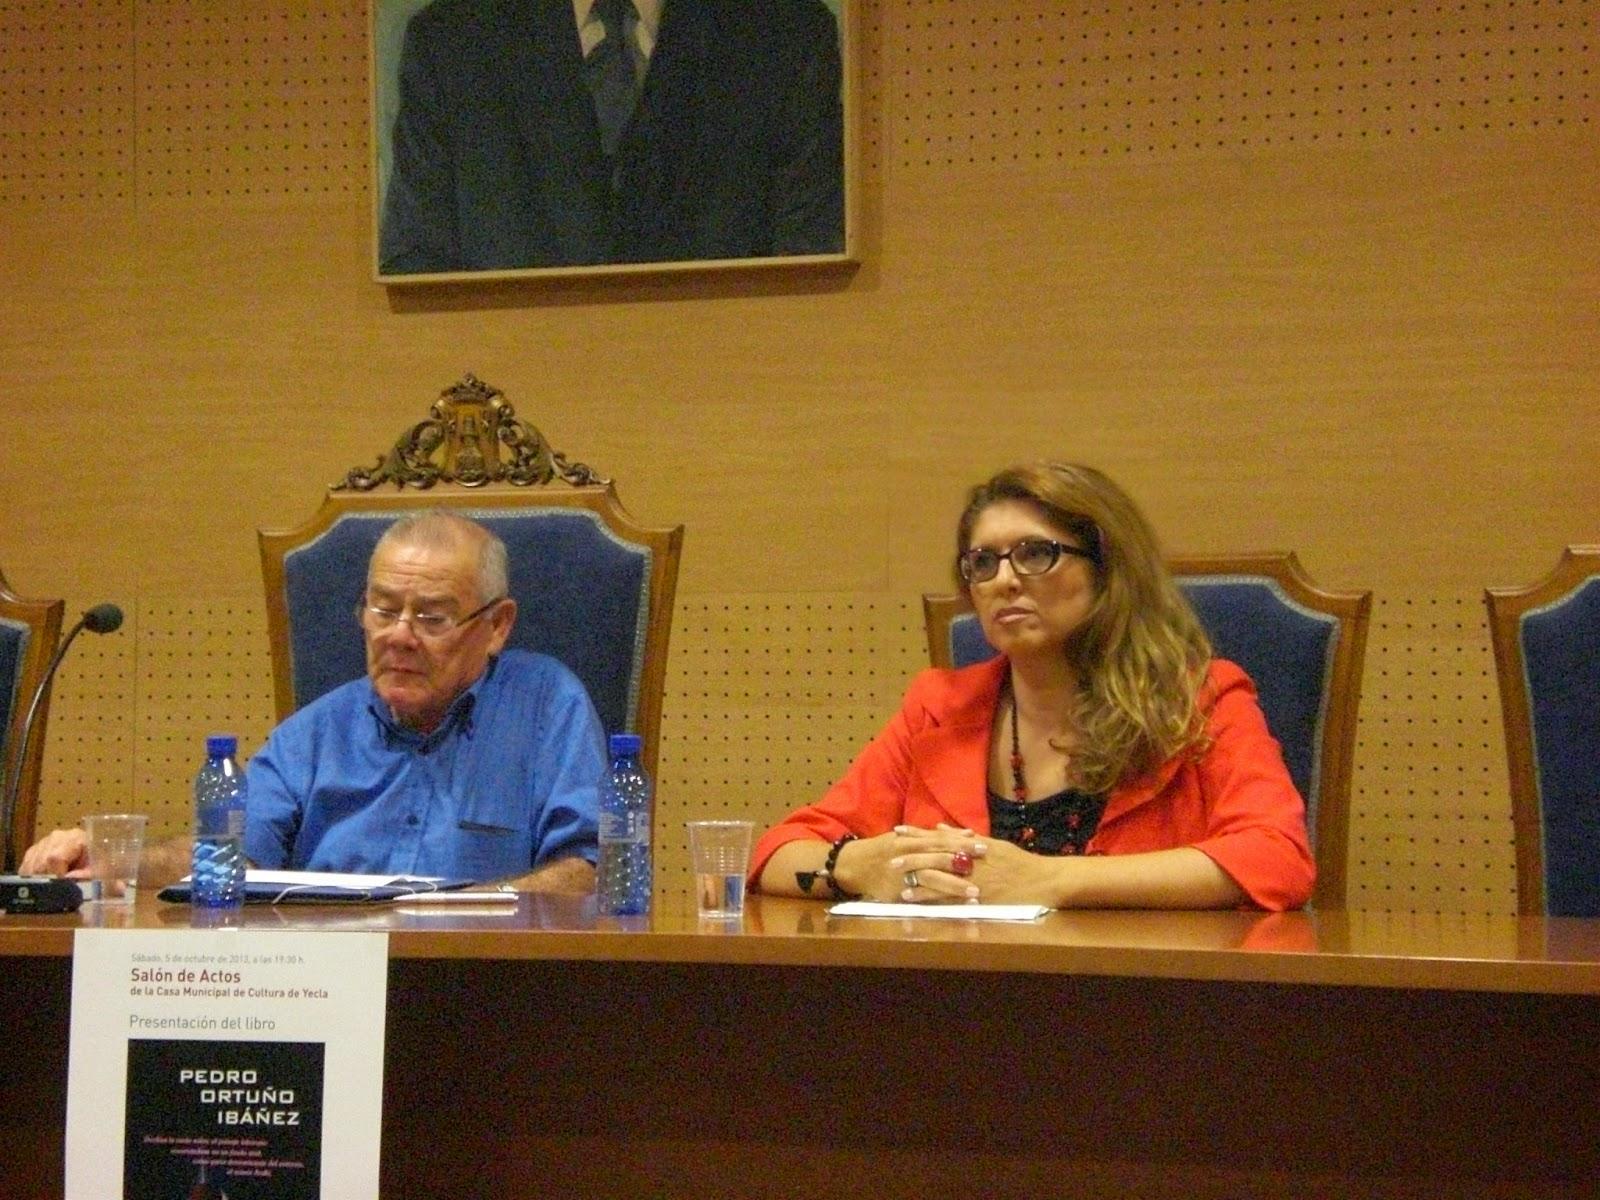 El Blog de María Serralba - Apadrinamiento Pedro Ortuño Ibañez - Yecla